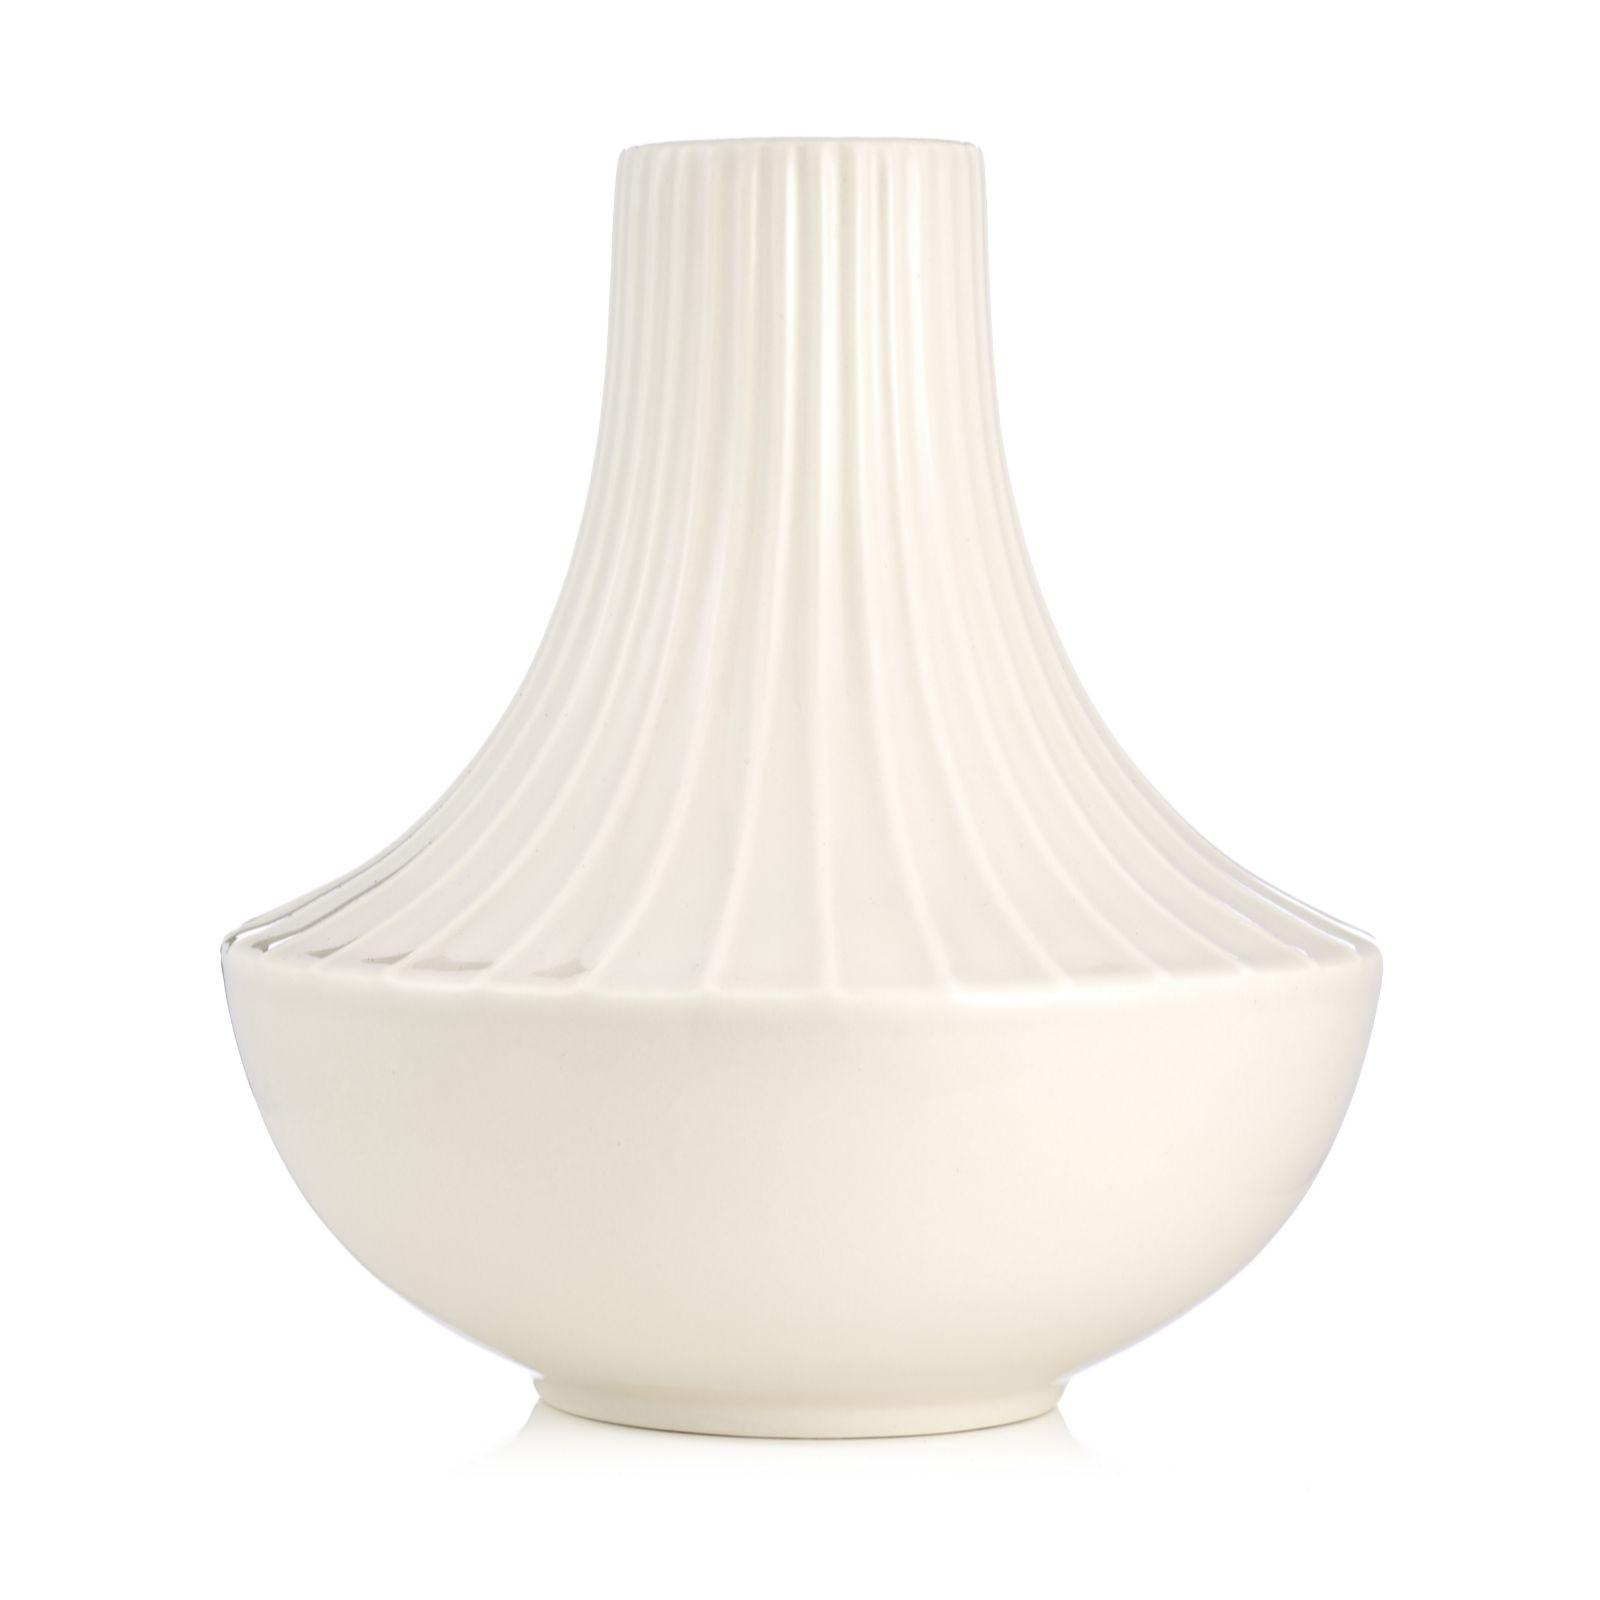 K by kelly hoppen fluted vase qvc uk reviewsmspy